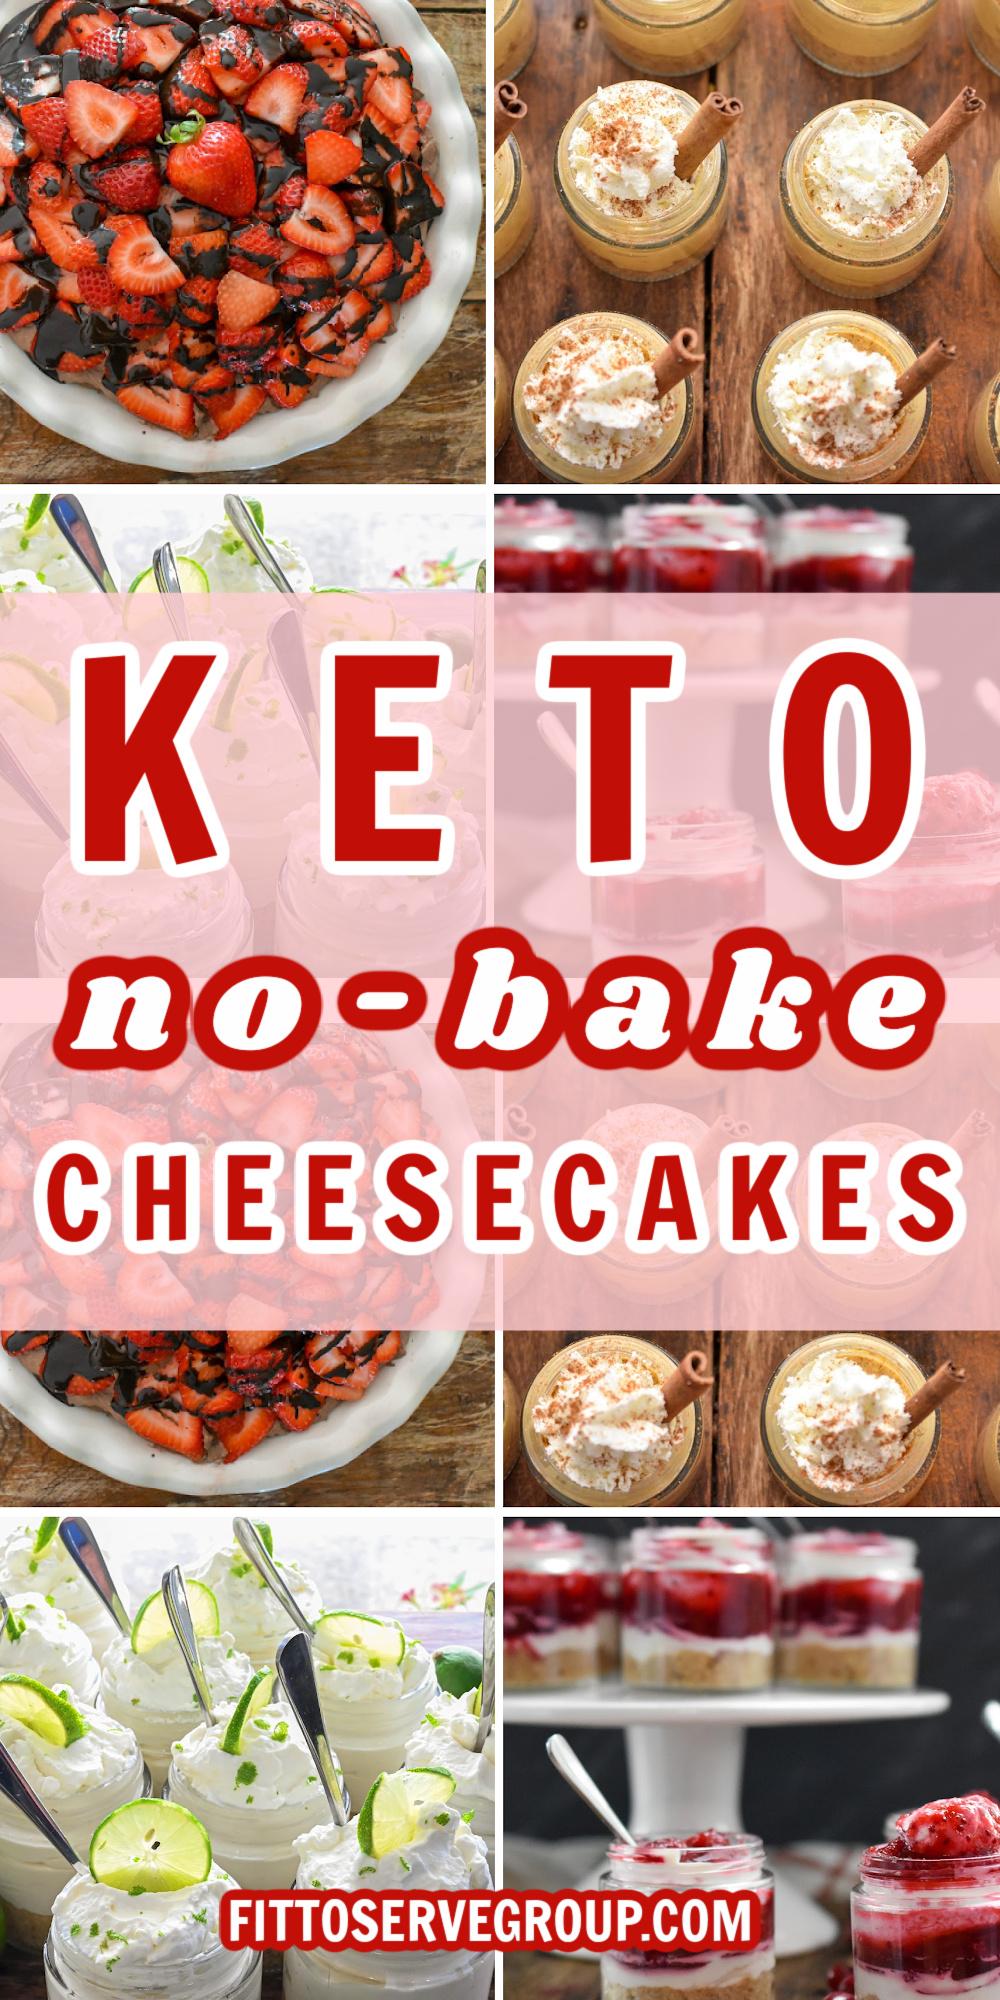 Keto No-Bake Cheesecakes Pin